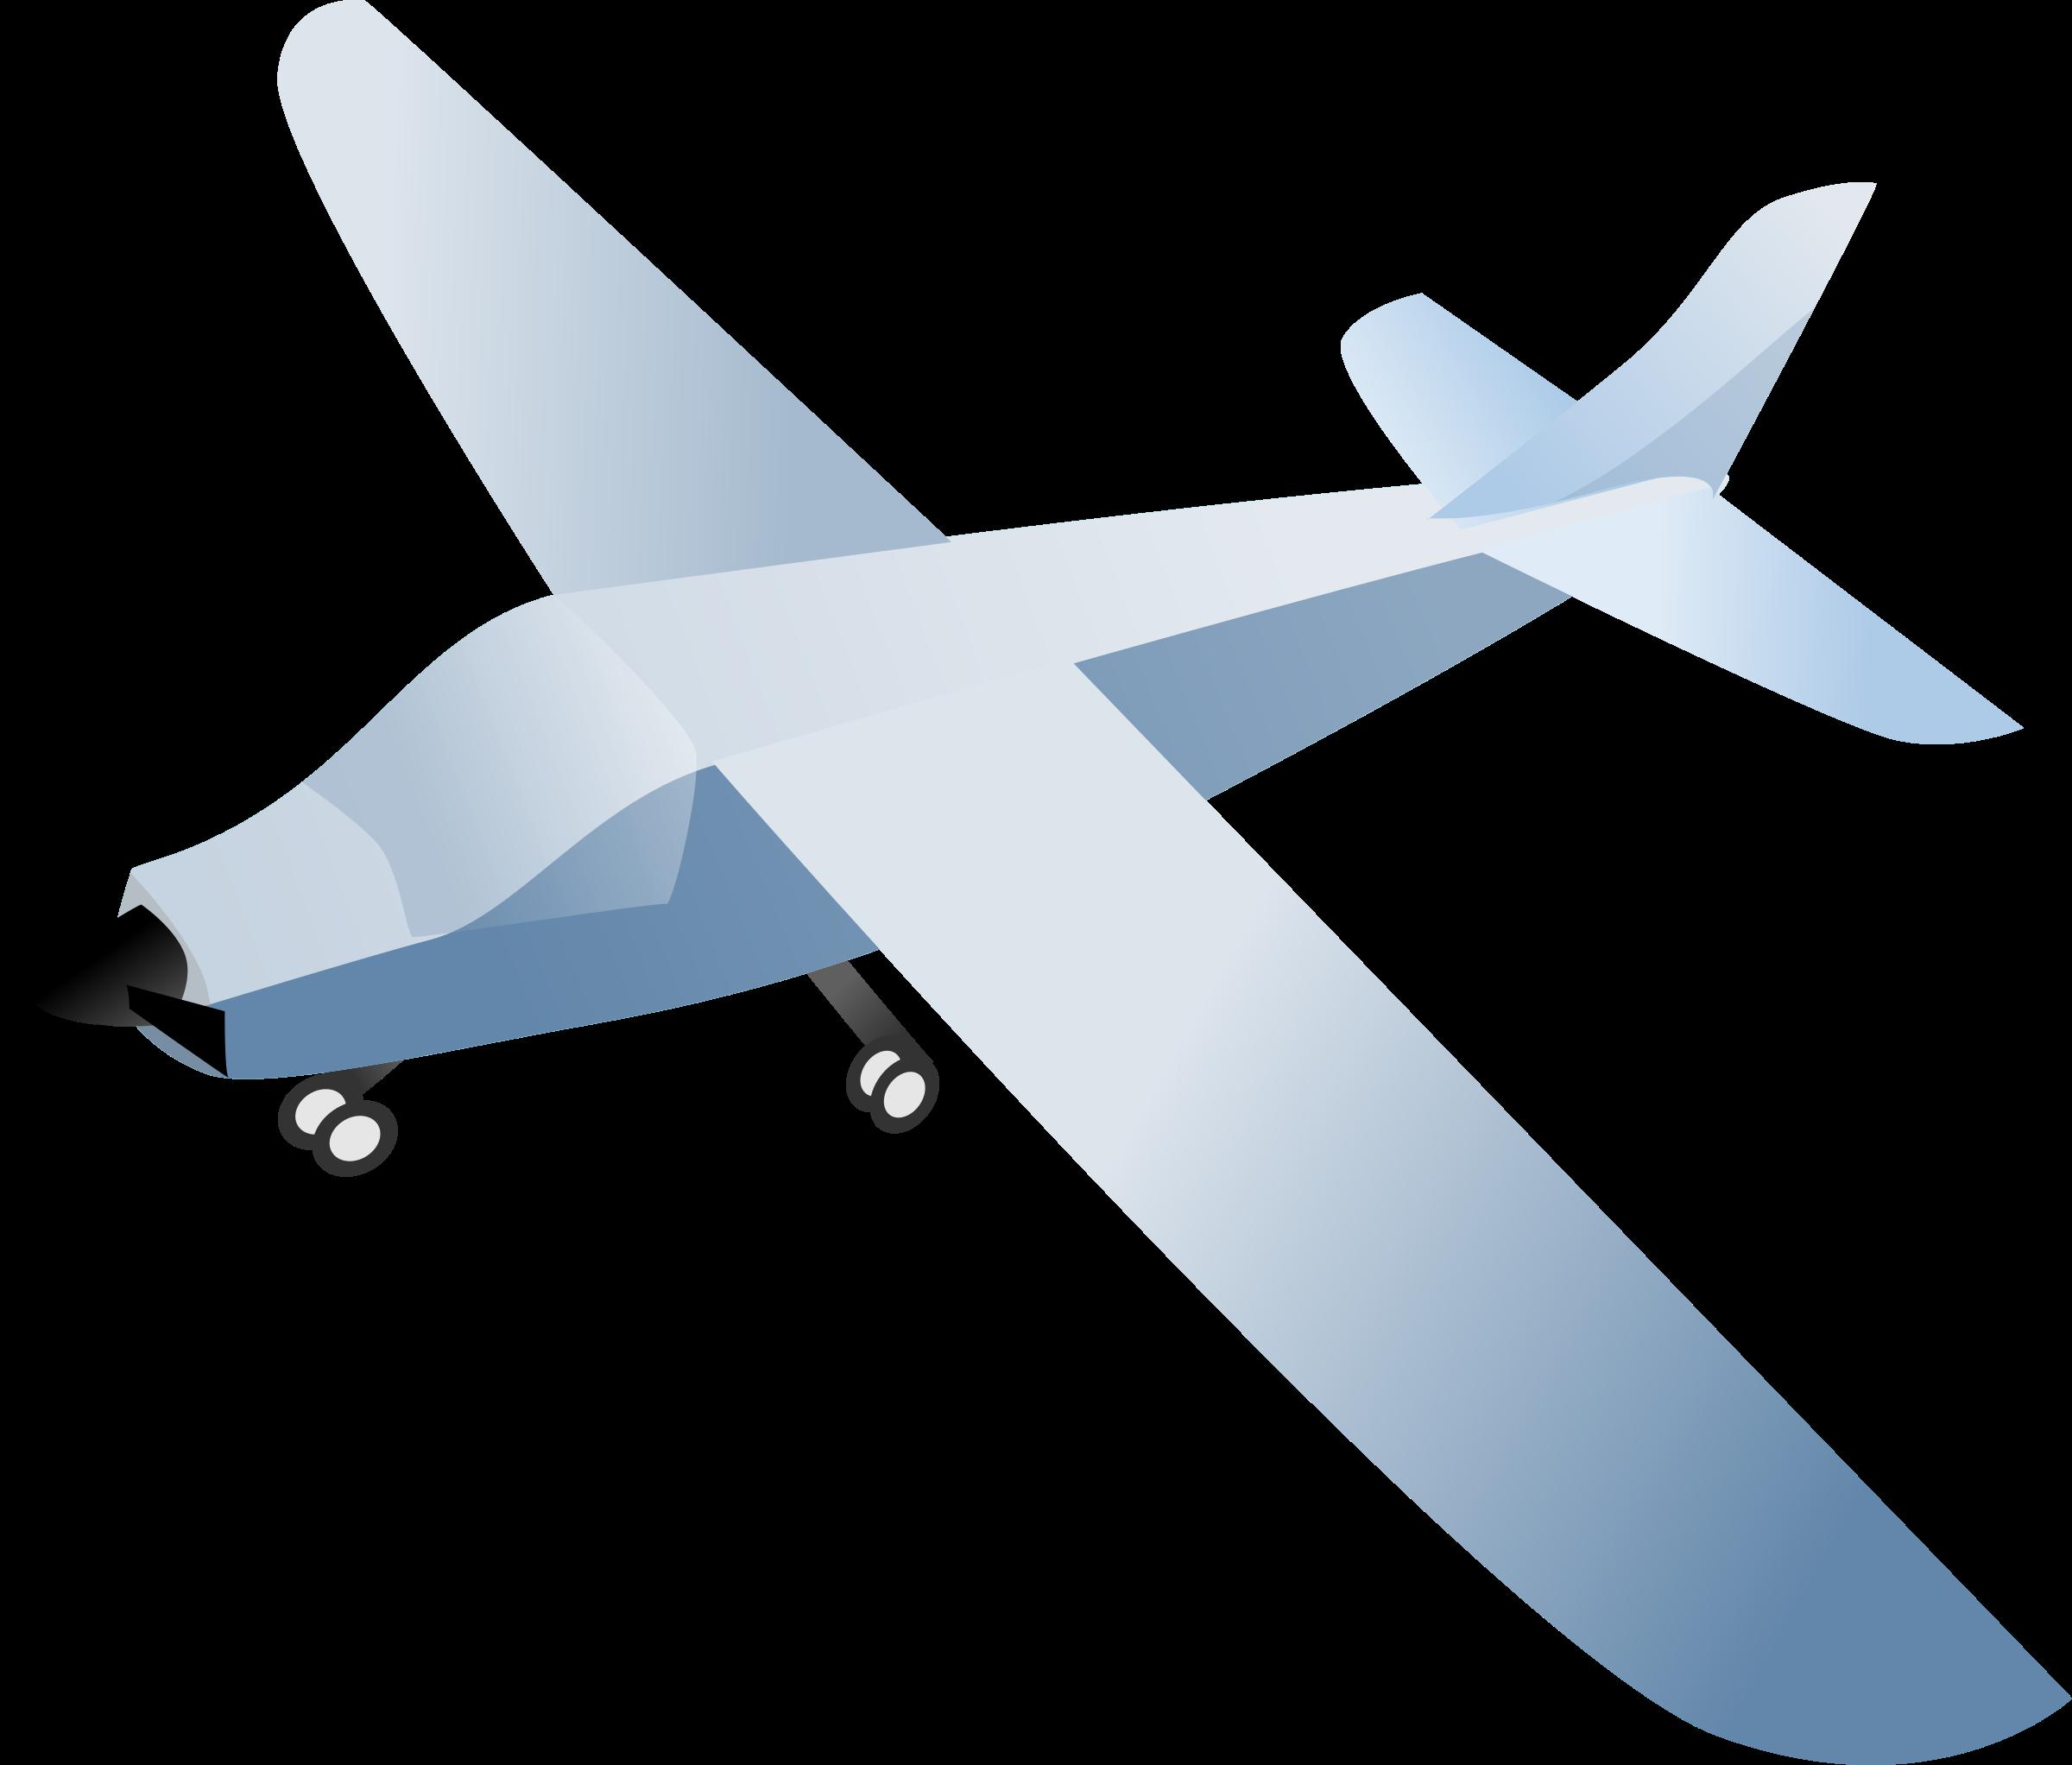 Clipart plane prop, Picture #629892 clipart plane prop.